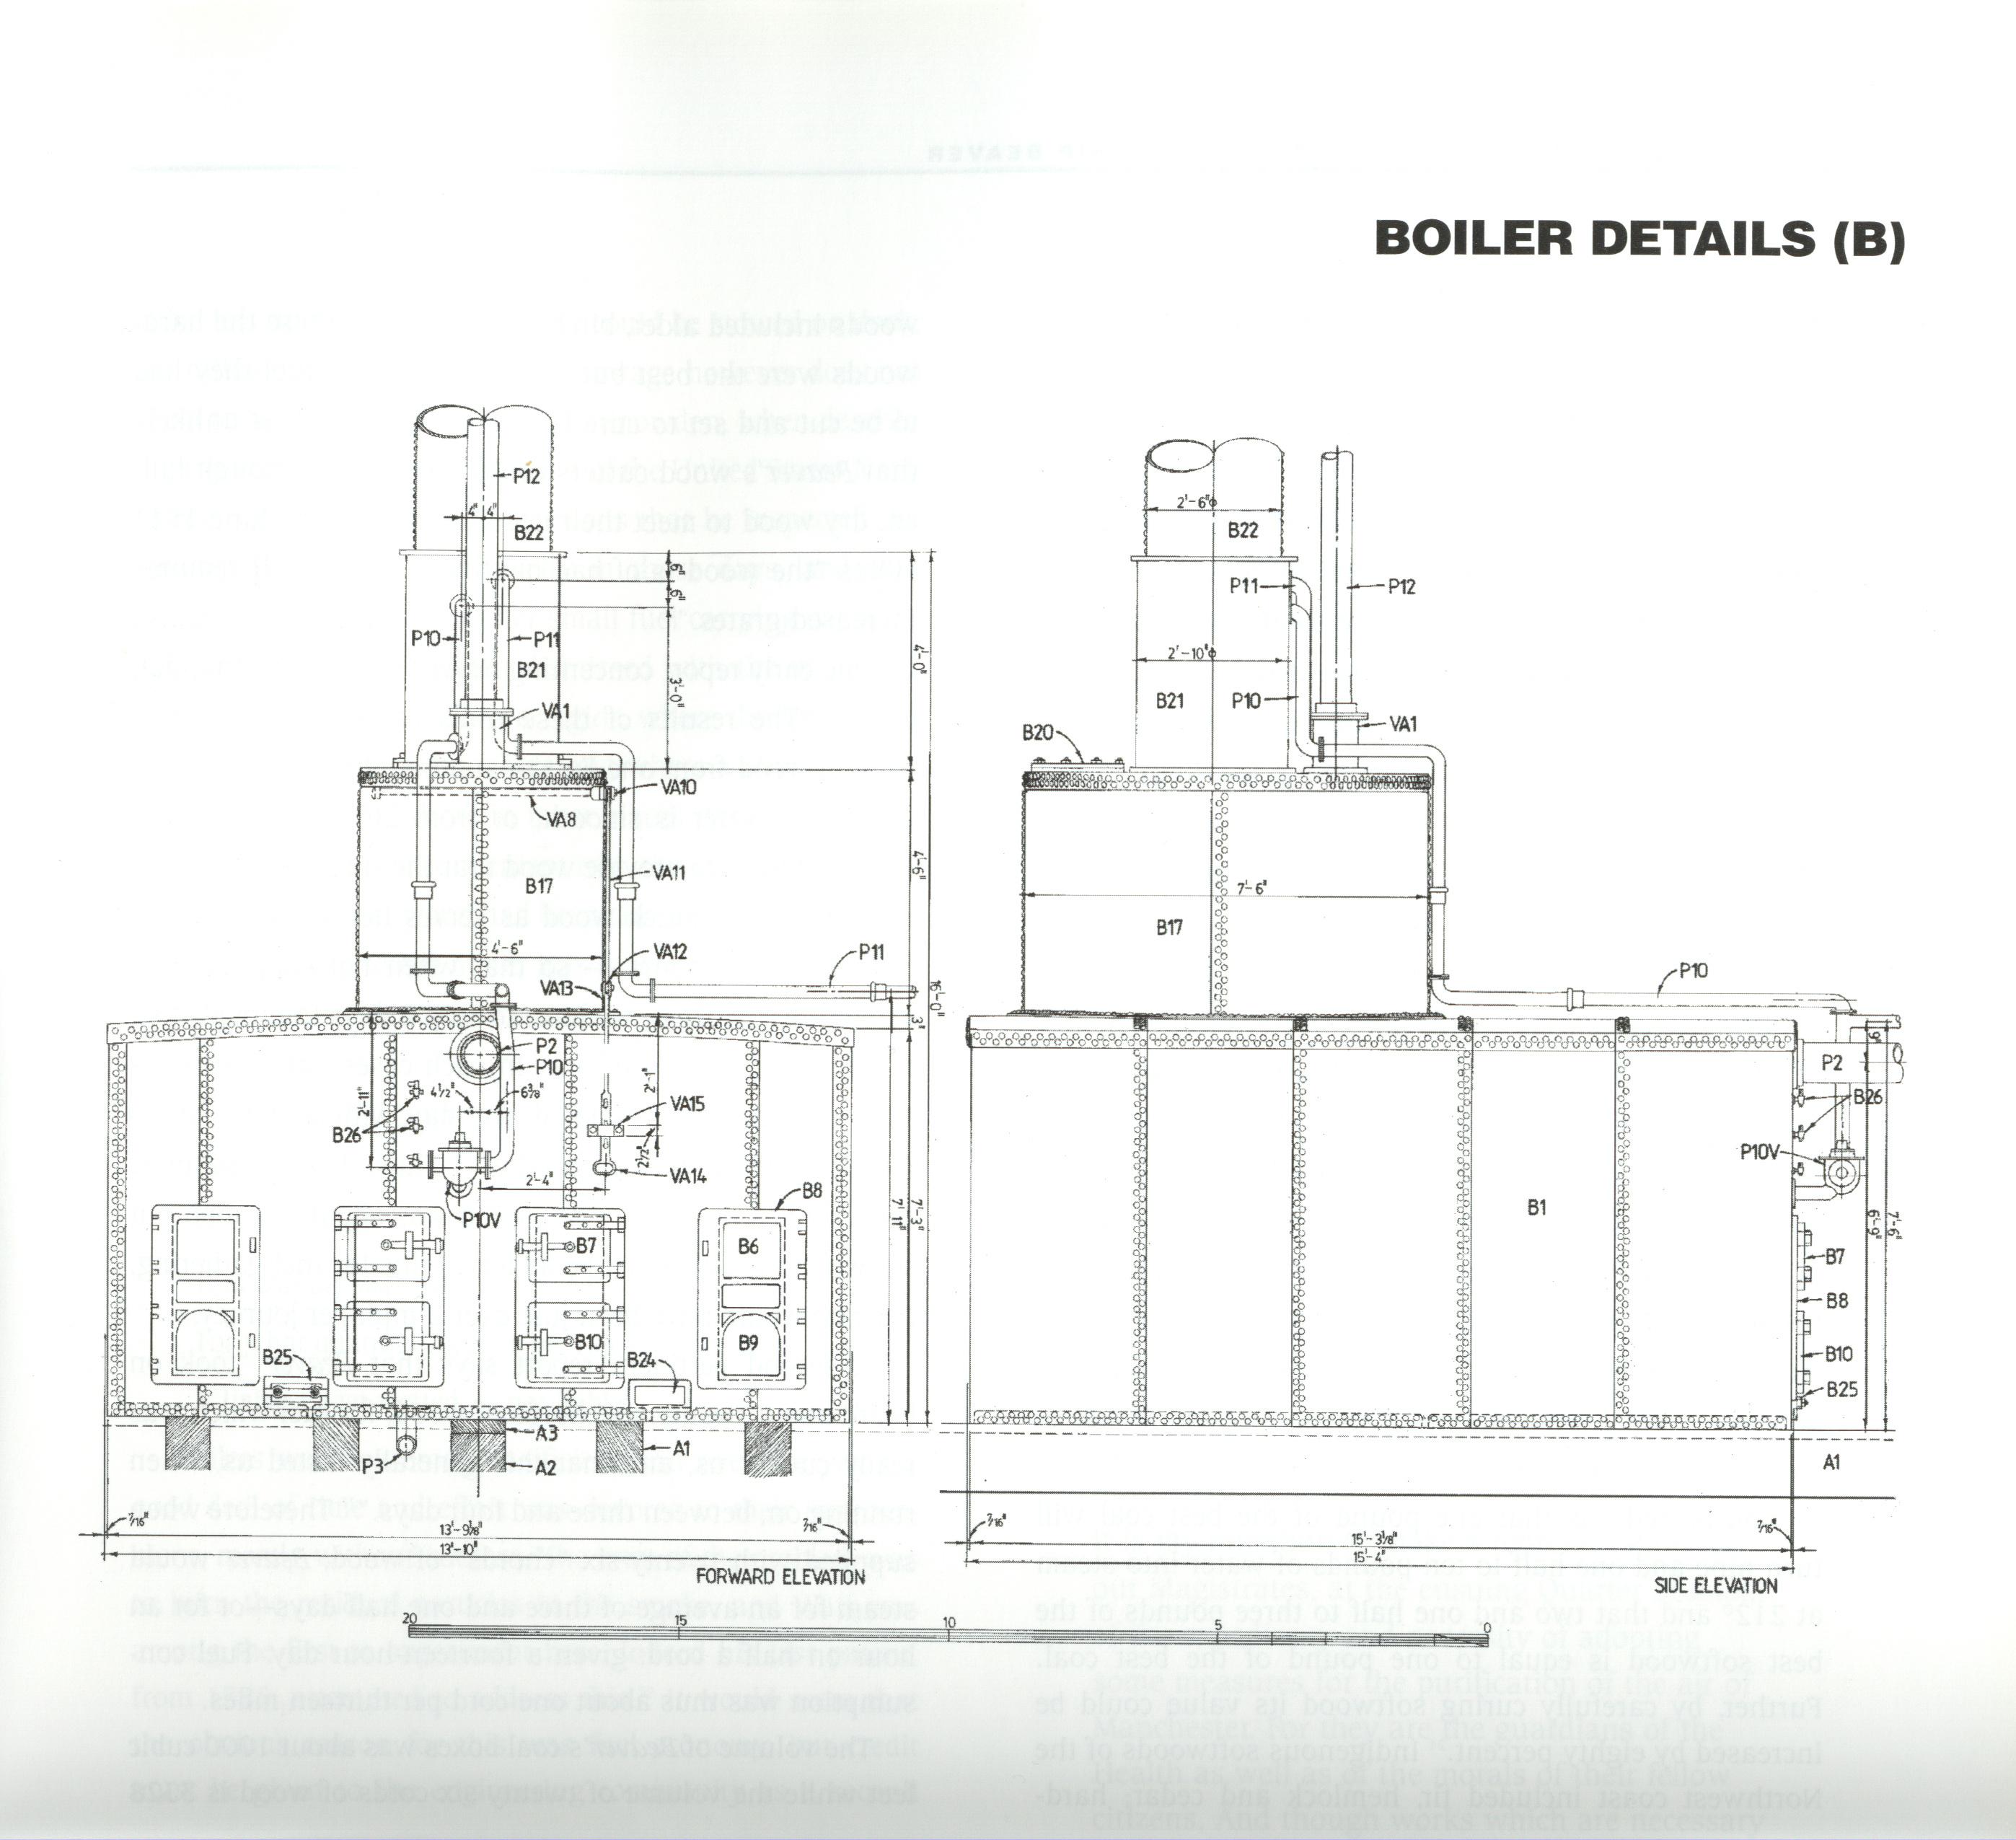 https://0901.nccdn.net/4_2/000/000/05a/a3f/Plan---Beaver-Boiler-Details-2-2795x2551.jpg